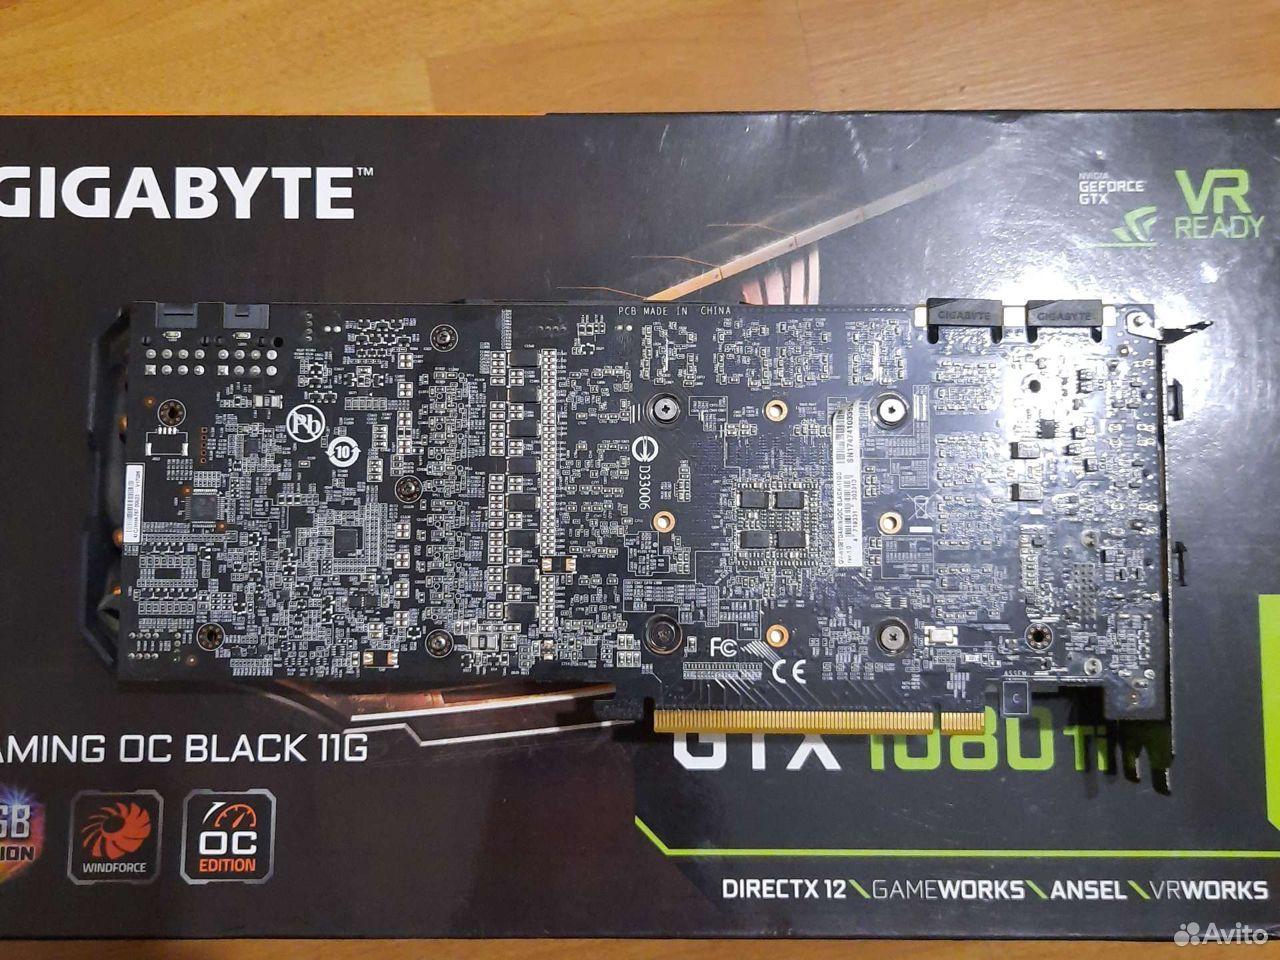 Gigabyte gtx 1080 ti Gaming oc black 11g  89185887790 купить 2